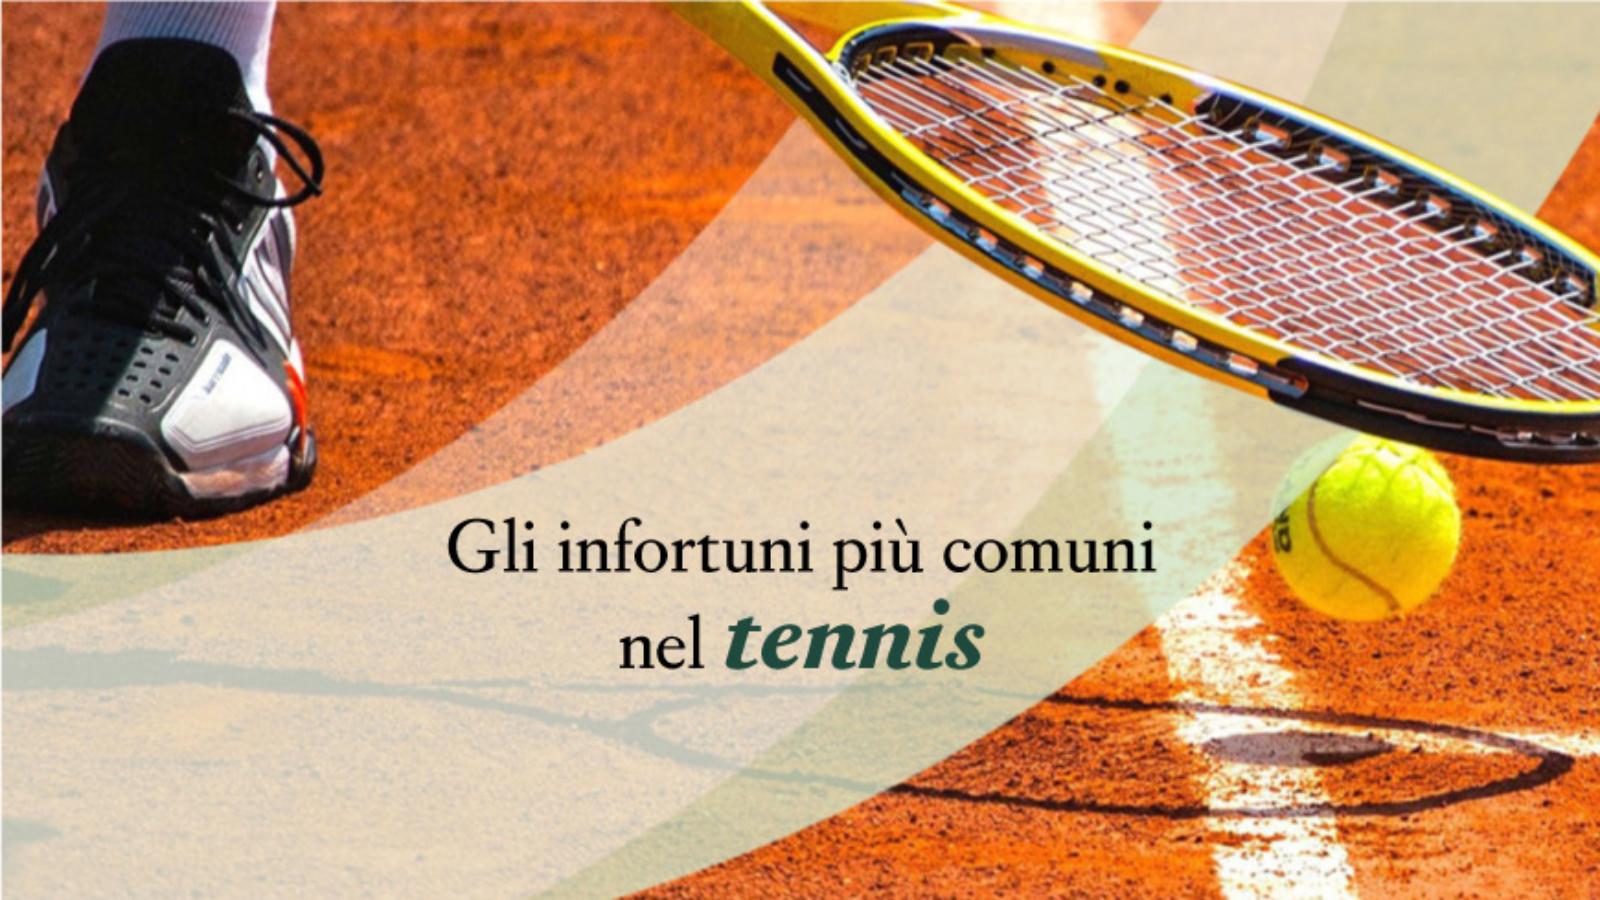 Gli infortuni più comuni nel tennis